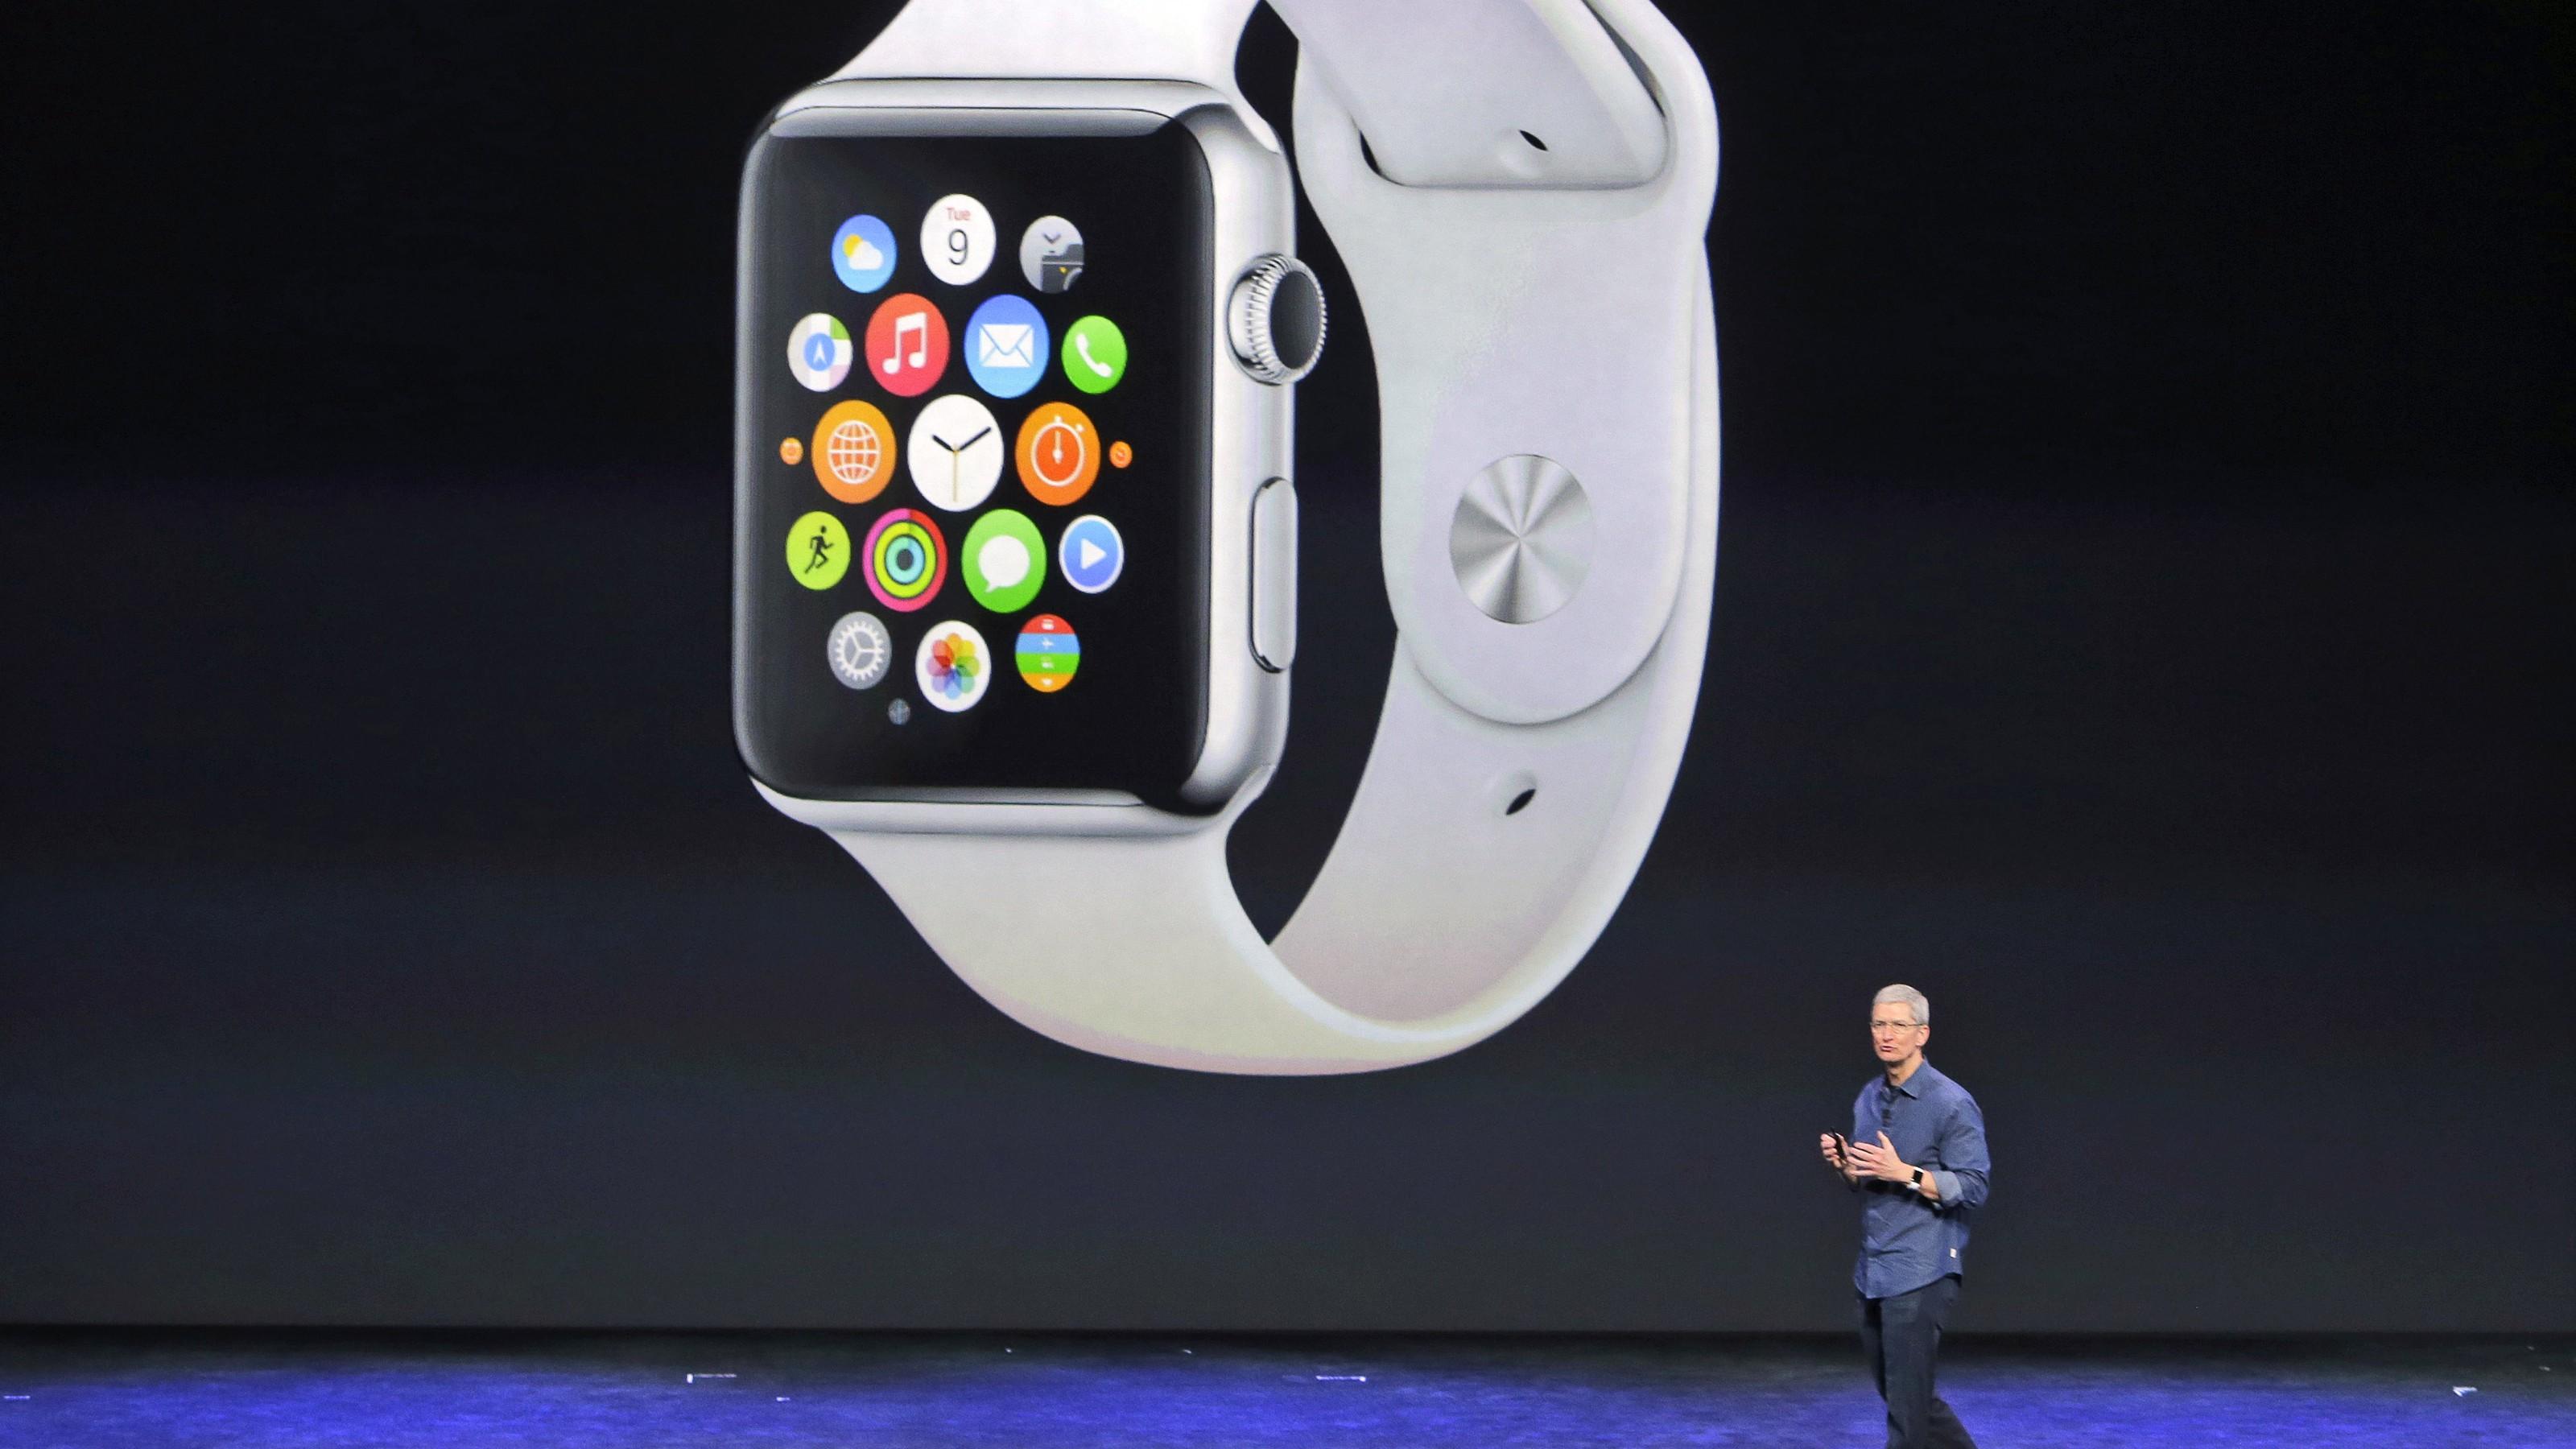 Tim Cook Apple Watch keynote